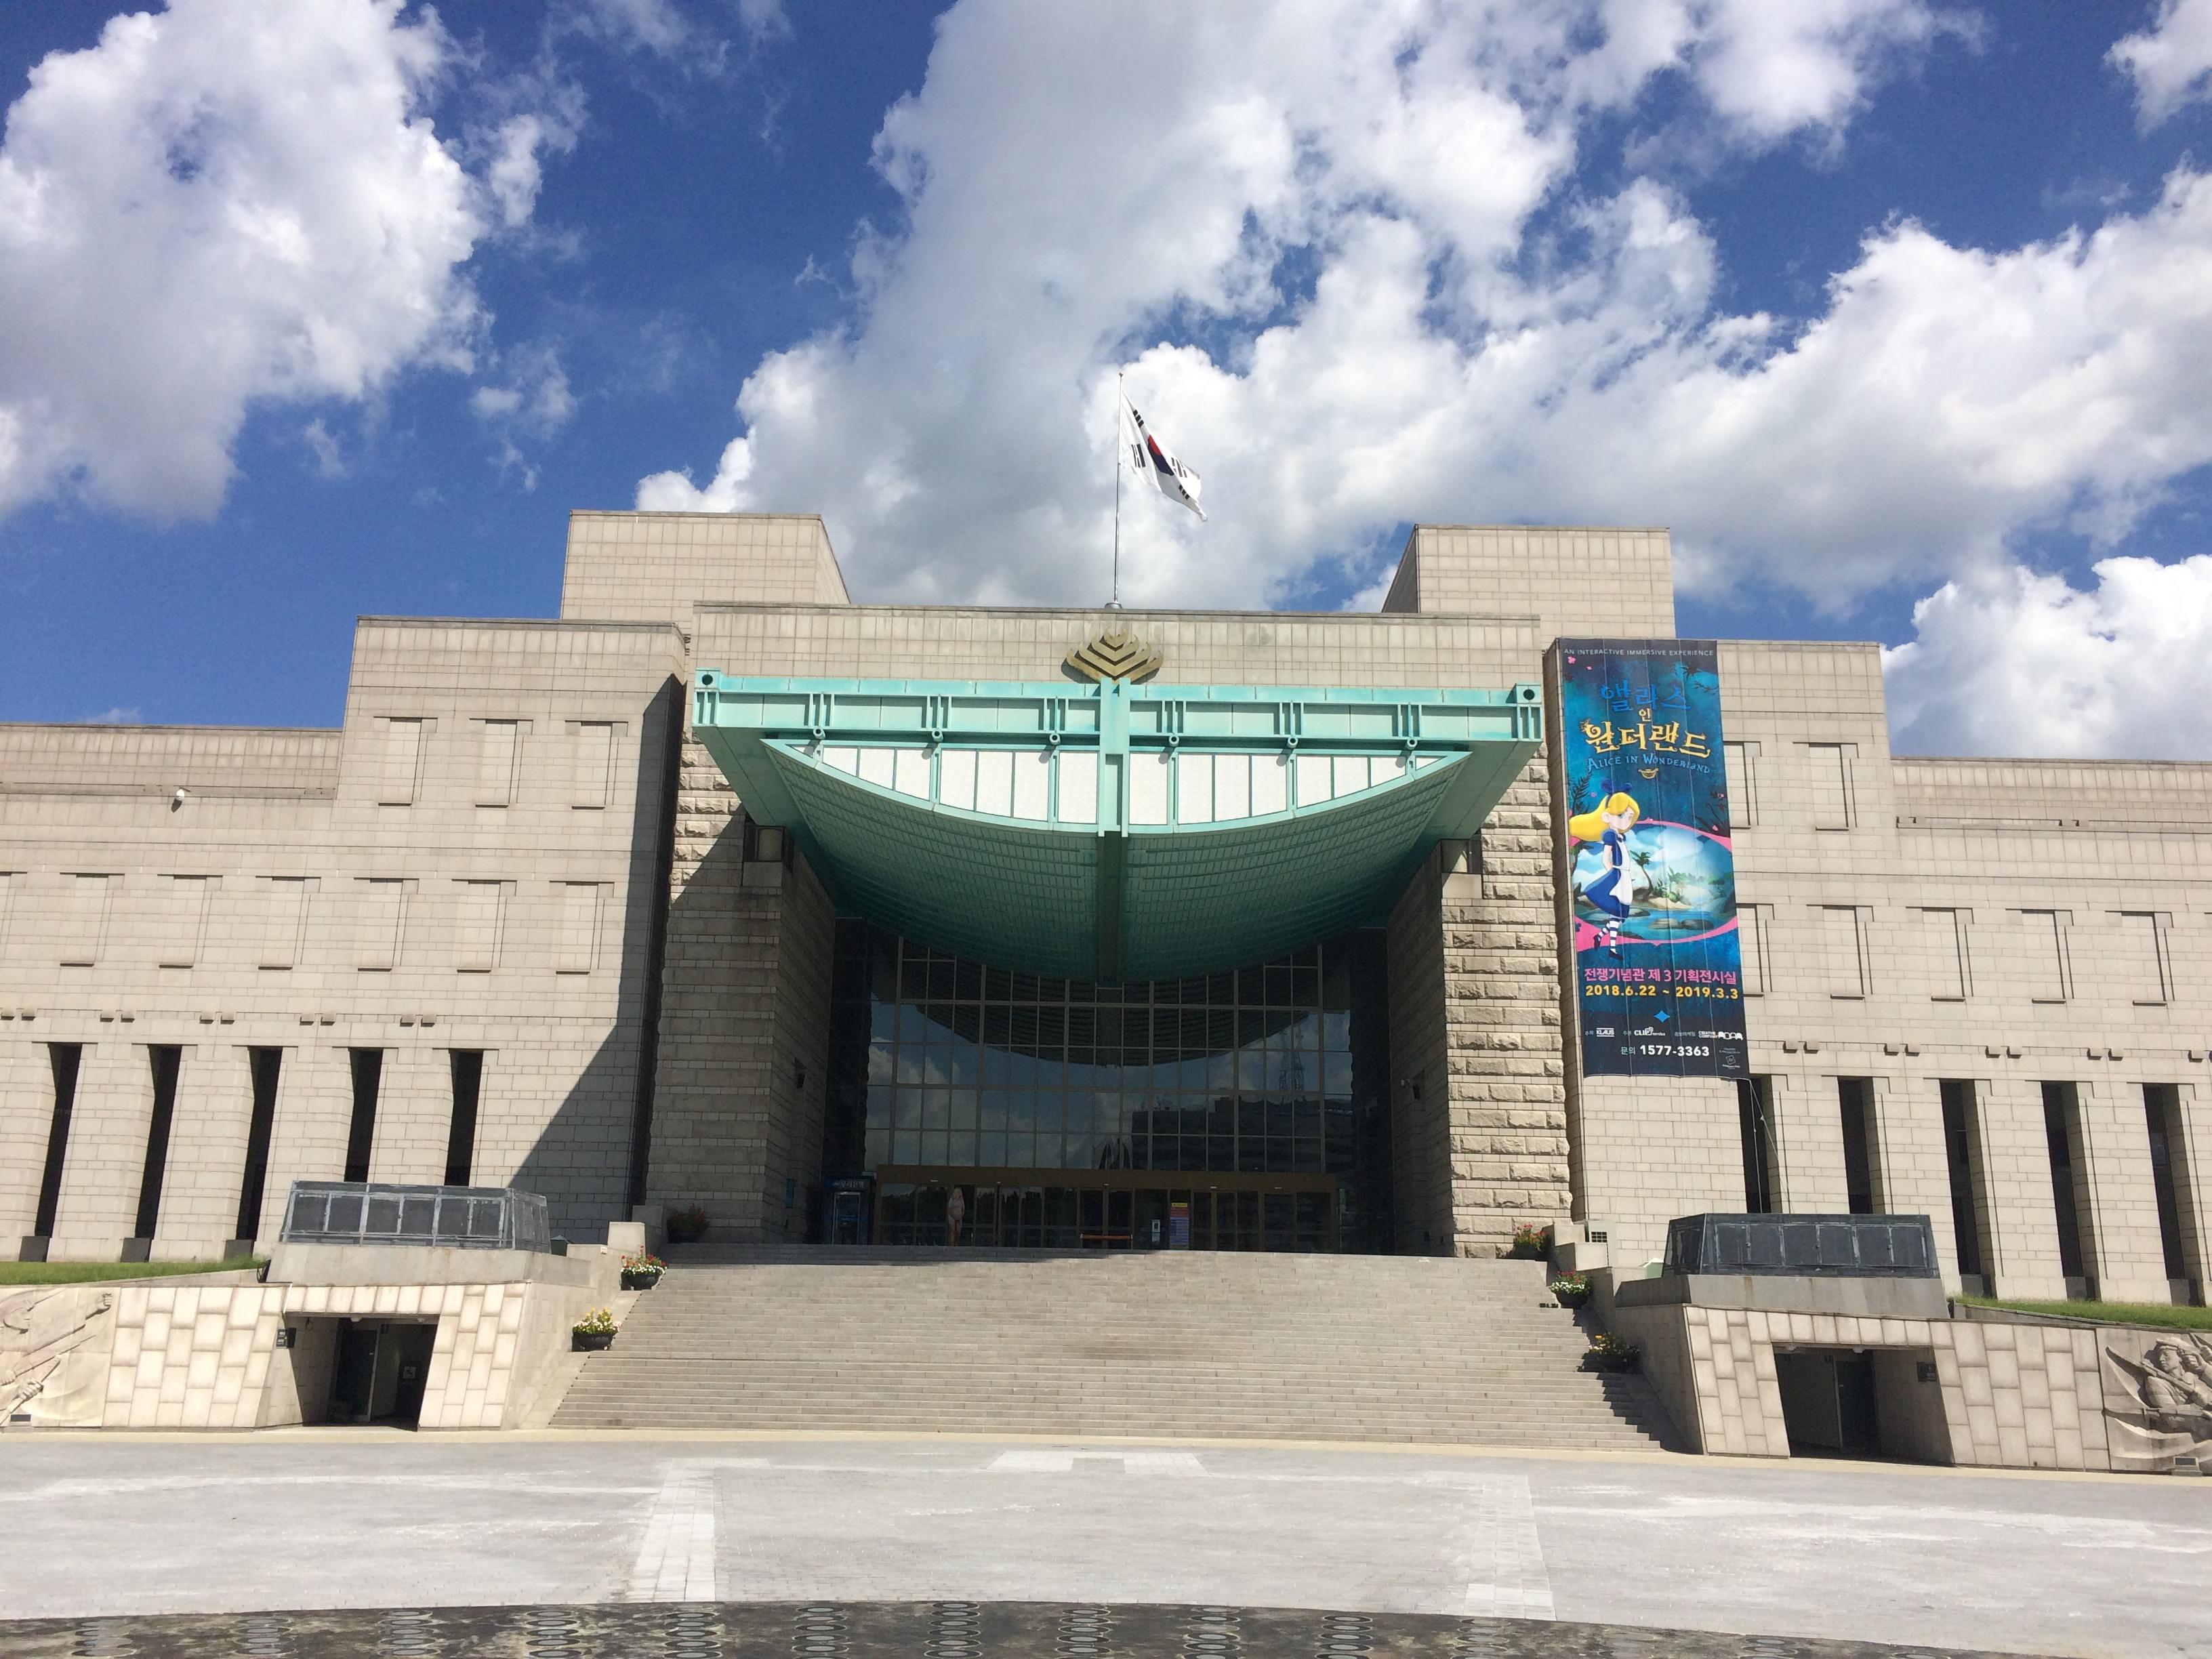 韓国旅行記(その1)#非武装地帯(DMZ)1日旅行 北朝鮮を望む展望台へ